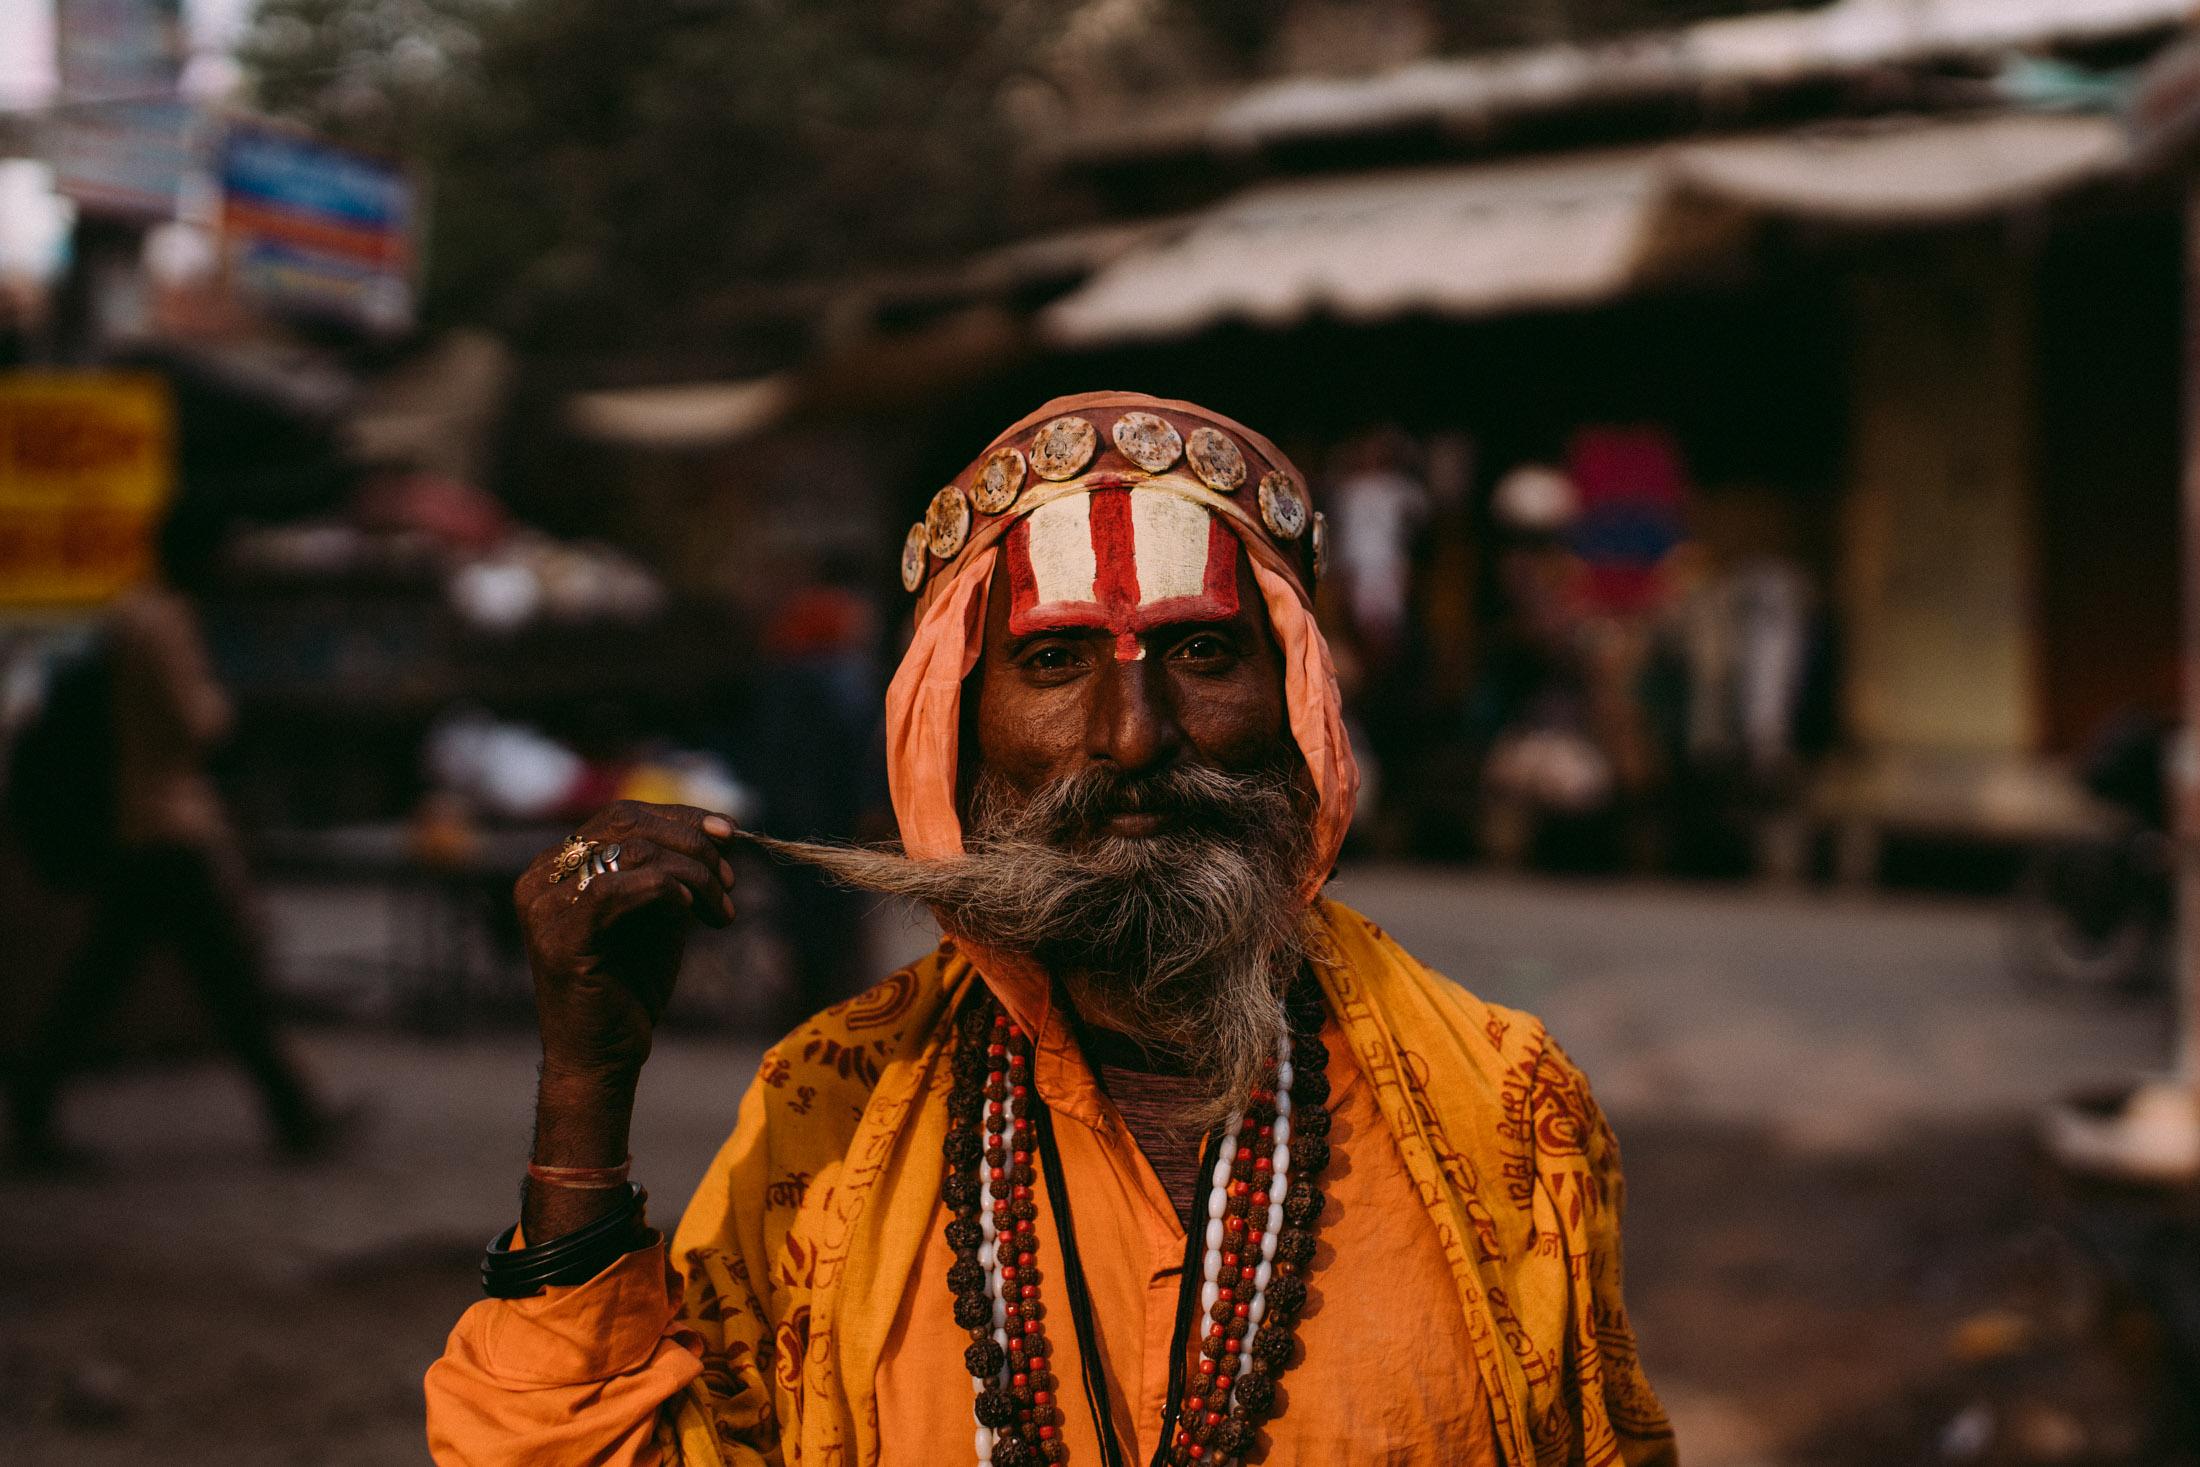 Pushkar Nov 2017-Dean Raphael Photography-16.jpg